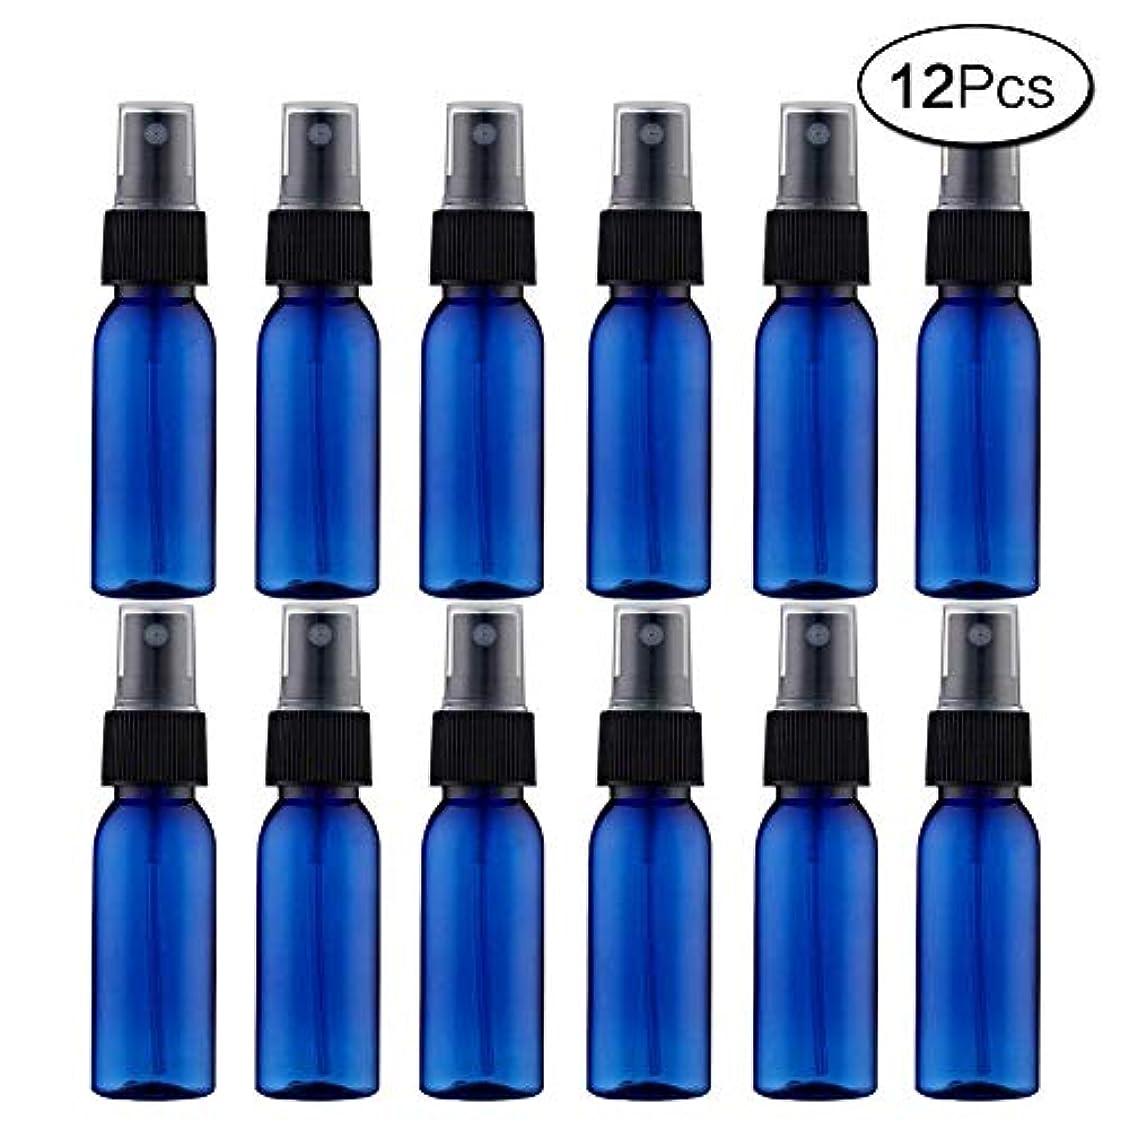 利益葉巻珍味スプレーボトル 12本セット 詰替ボトル 遮光 空容器 霧吹き(30ml ブルー)